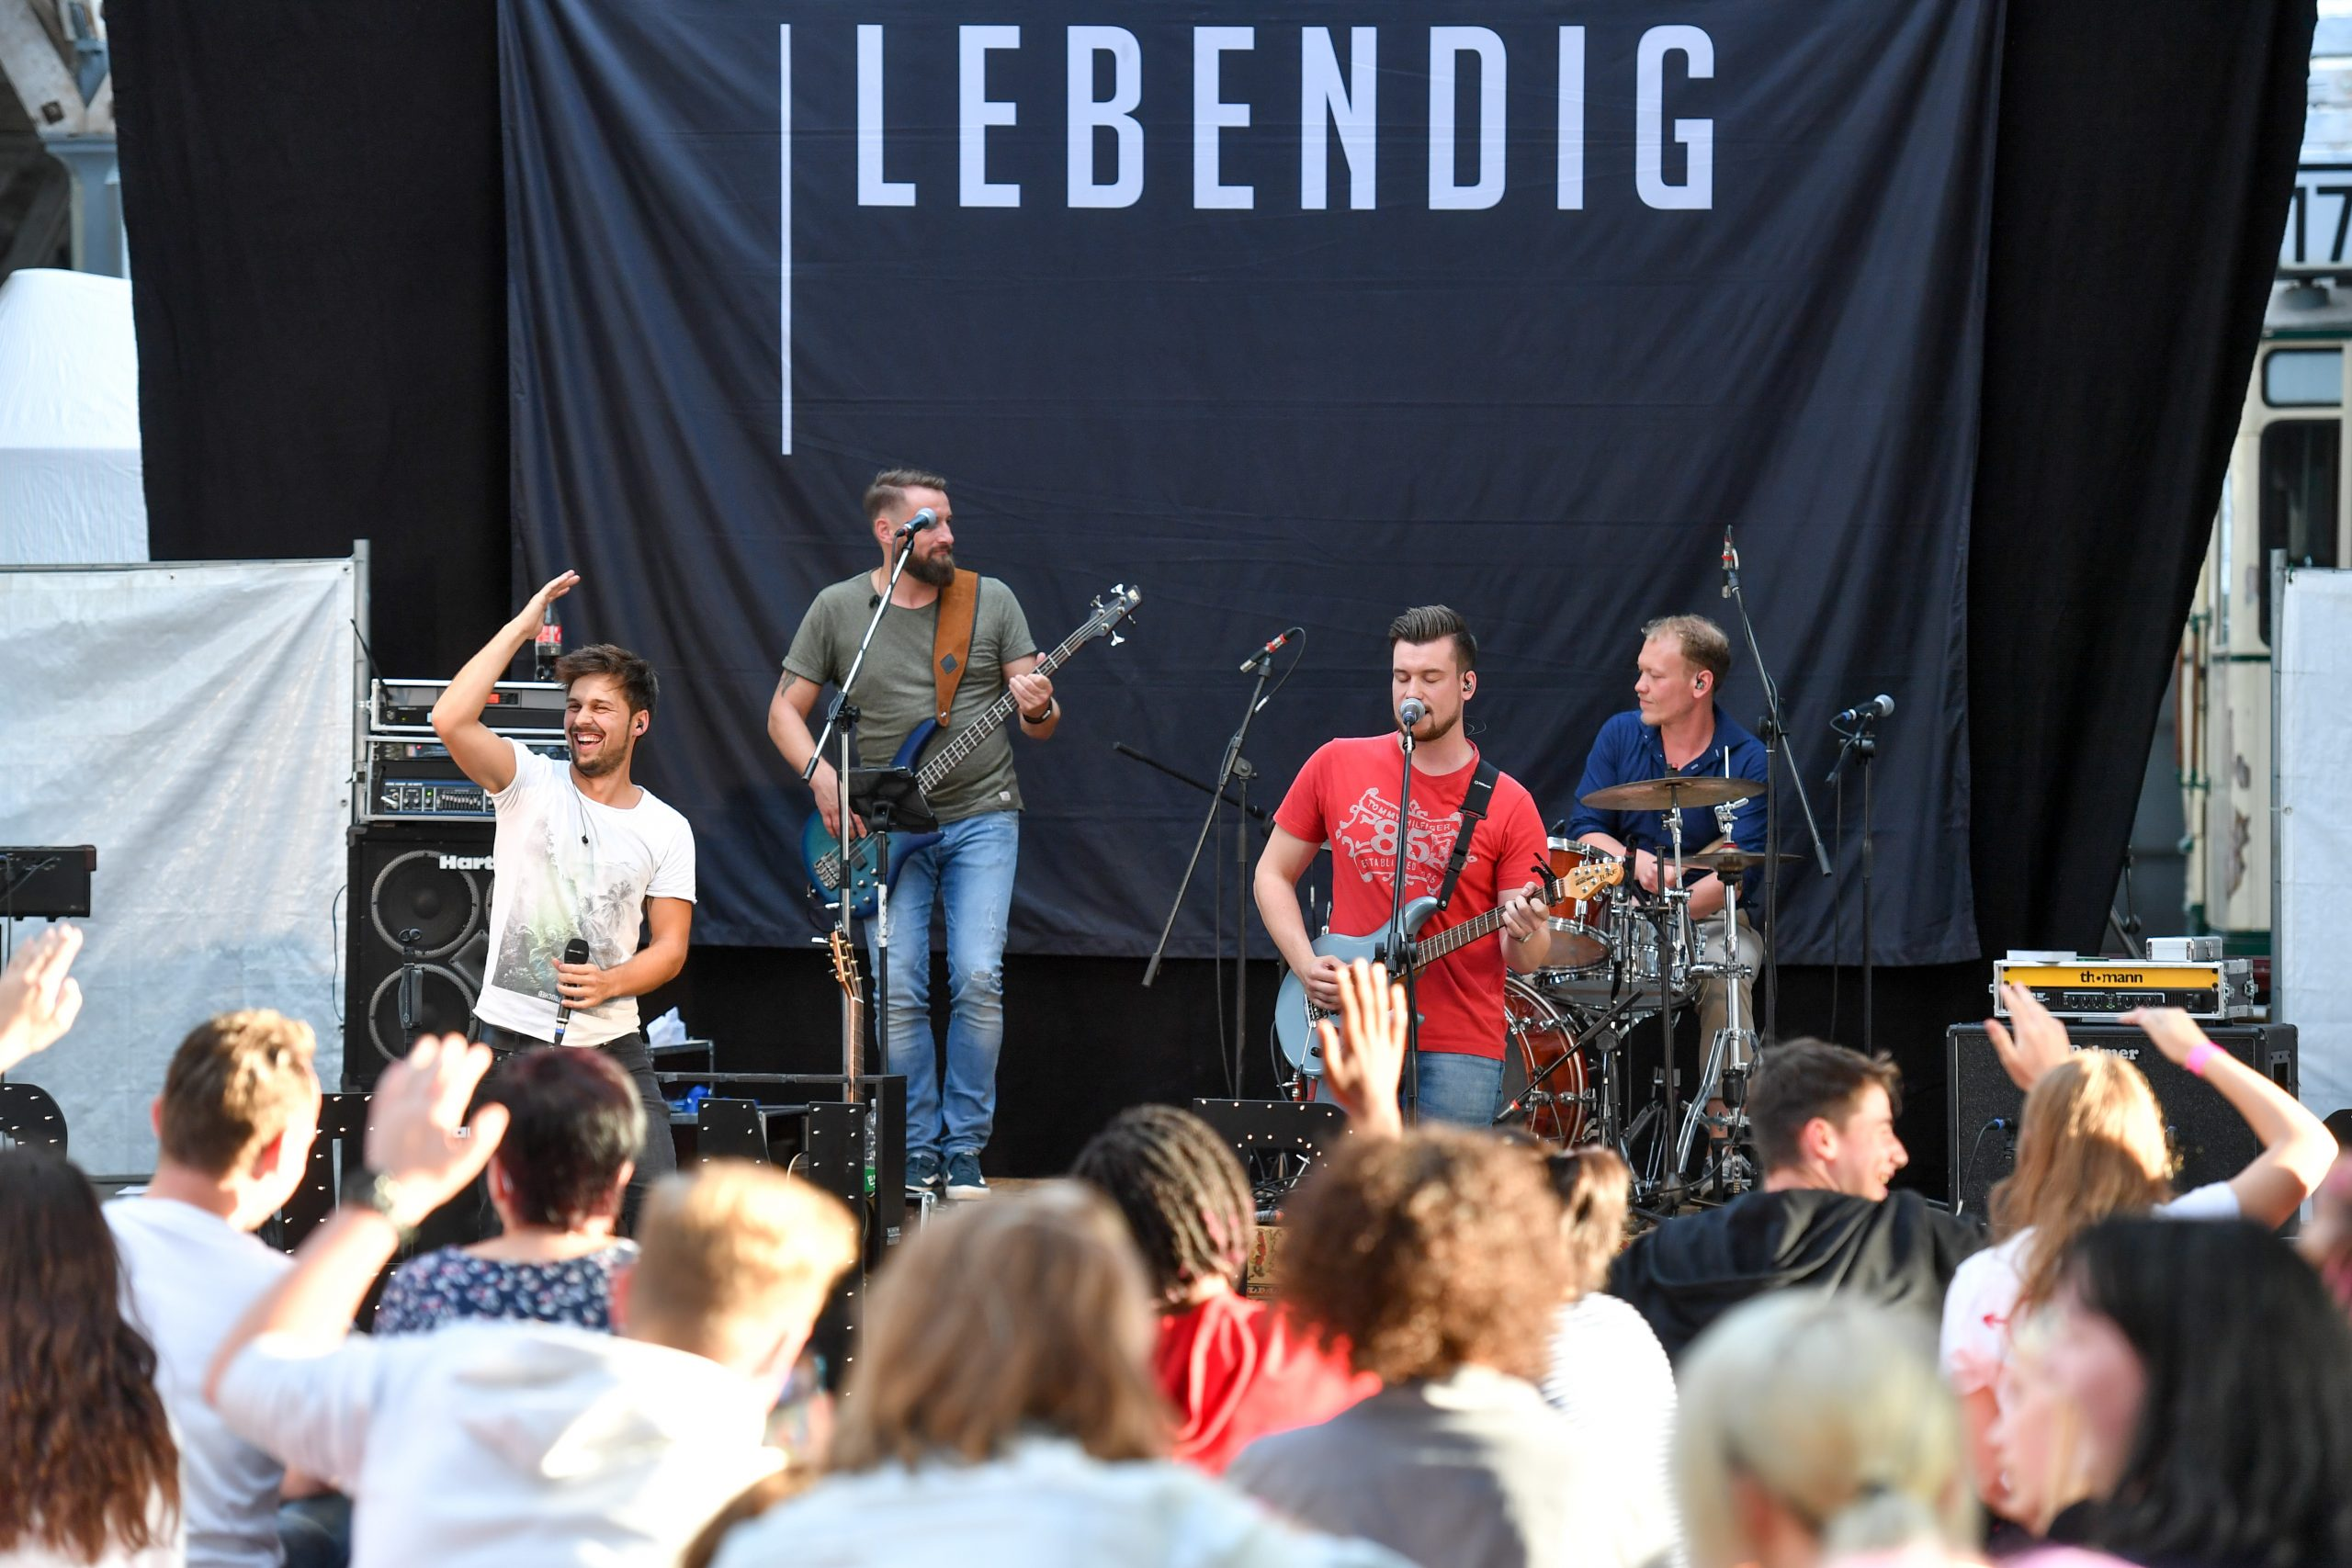 """Ich habe Talent- Ich werde ein Star? – Talent-Talk und Konzert mit der Band """"Lebendig"""""""